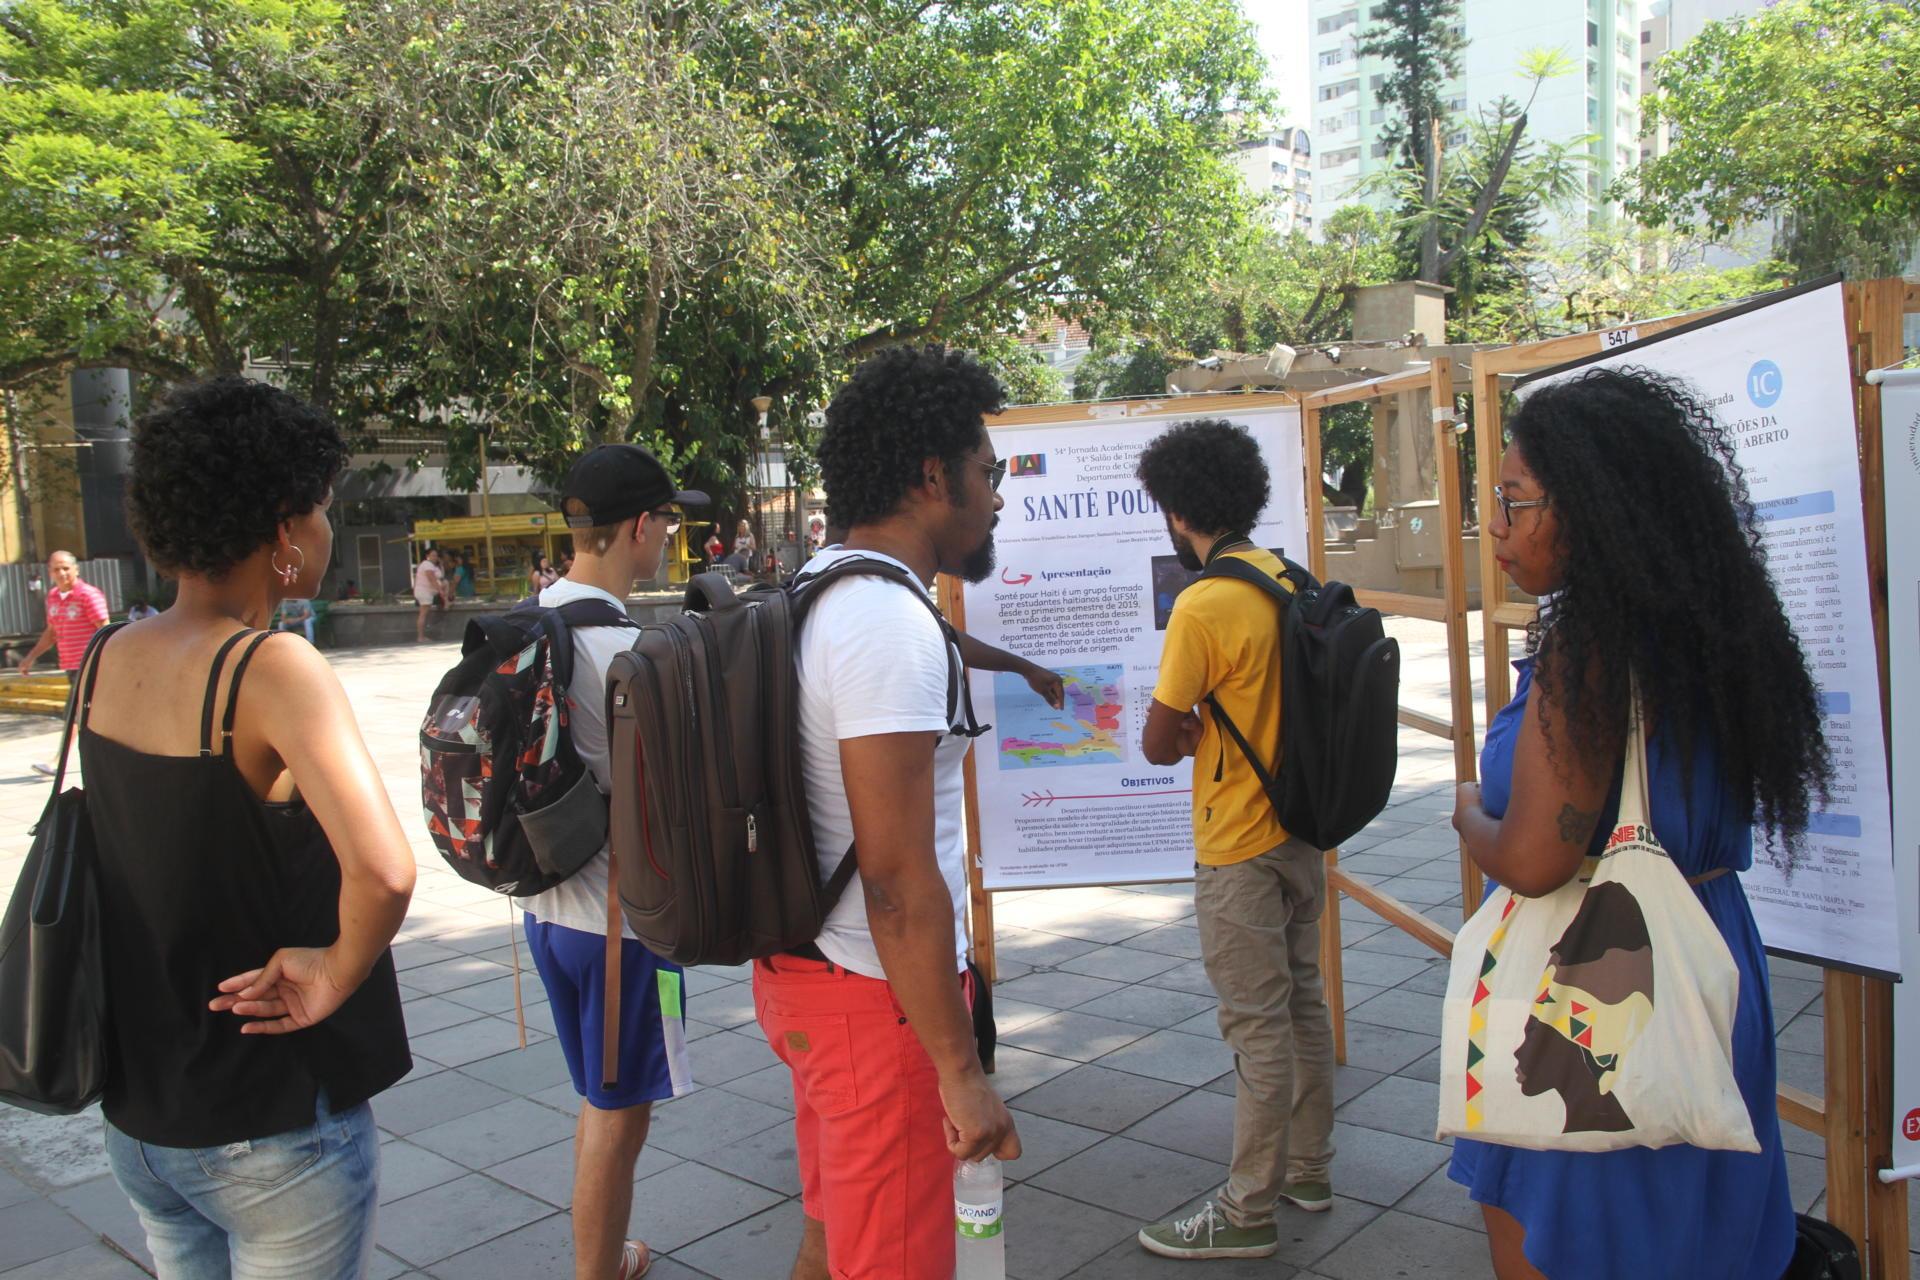 Foto colorida horizontal mostra pessoas olhando e apresentando banners na praça